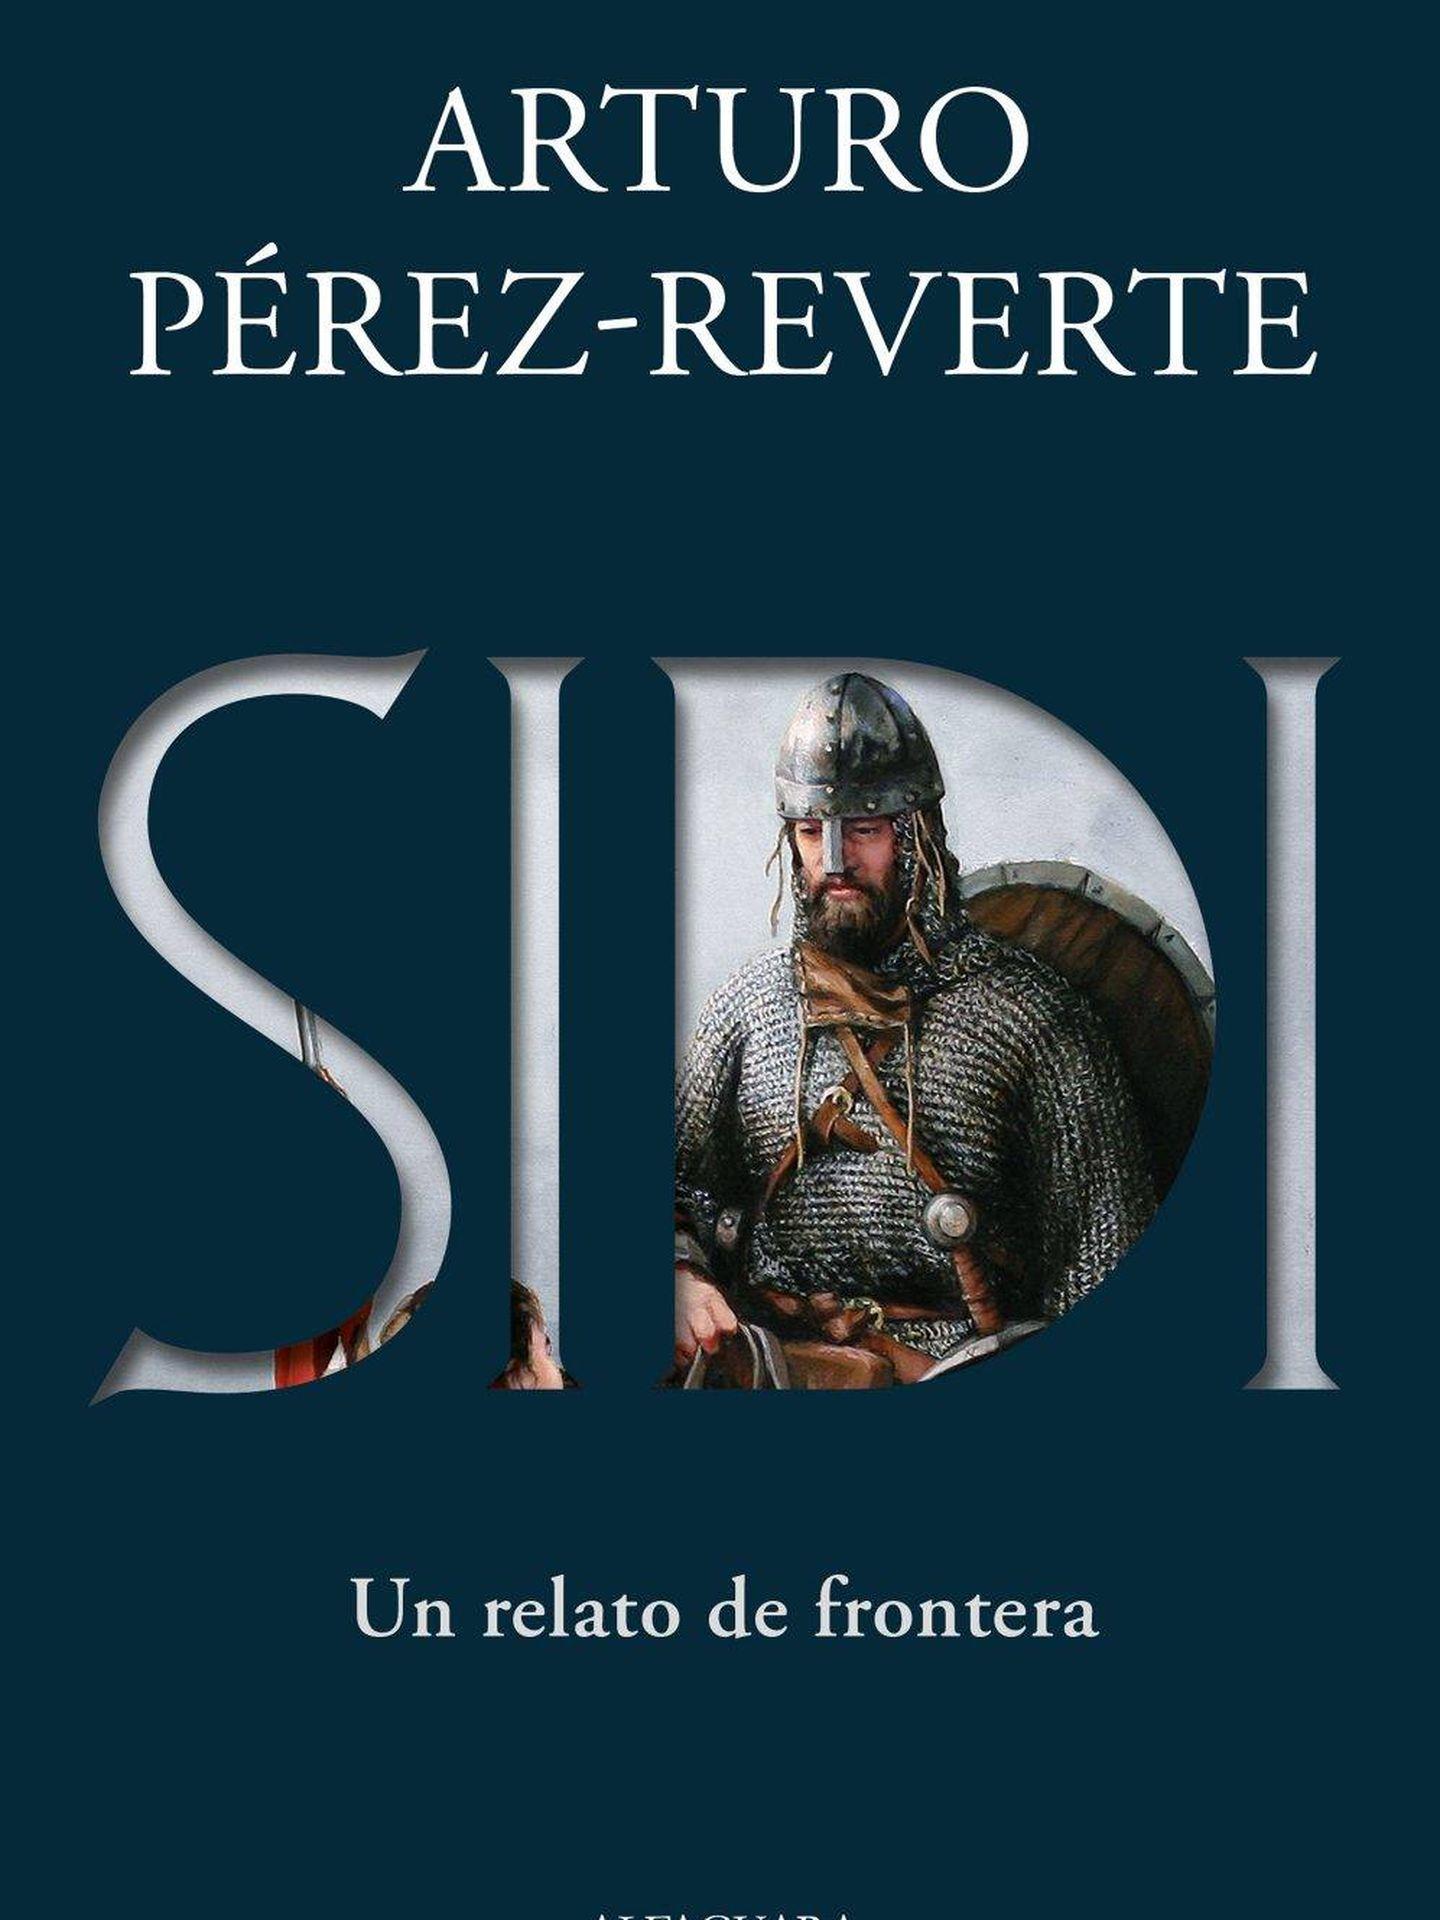 'Sidi'